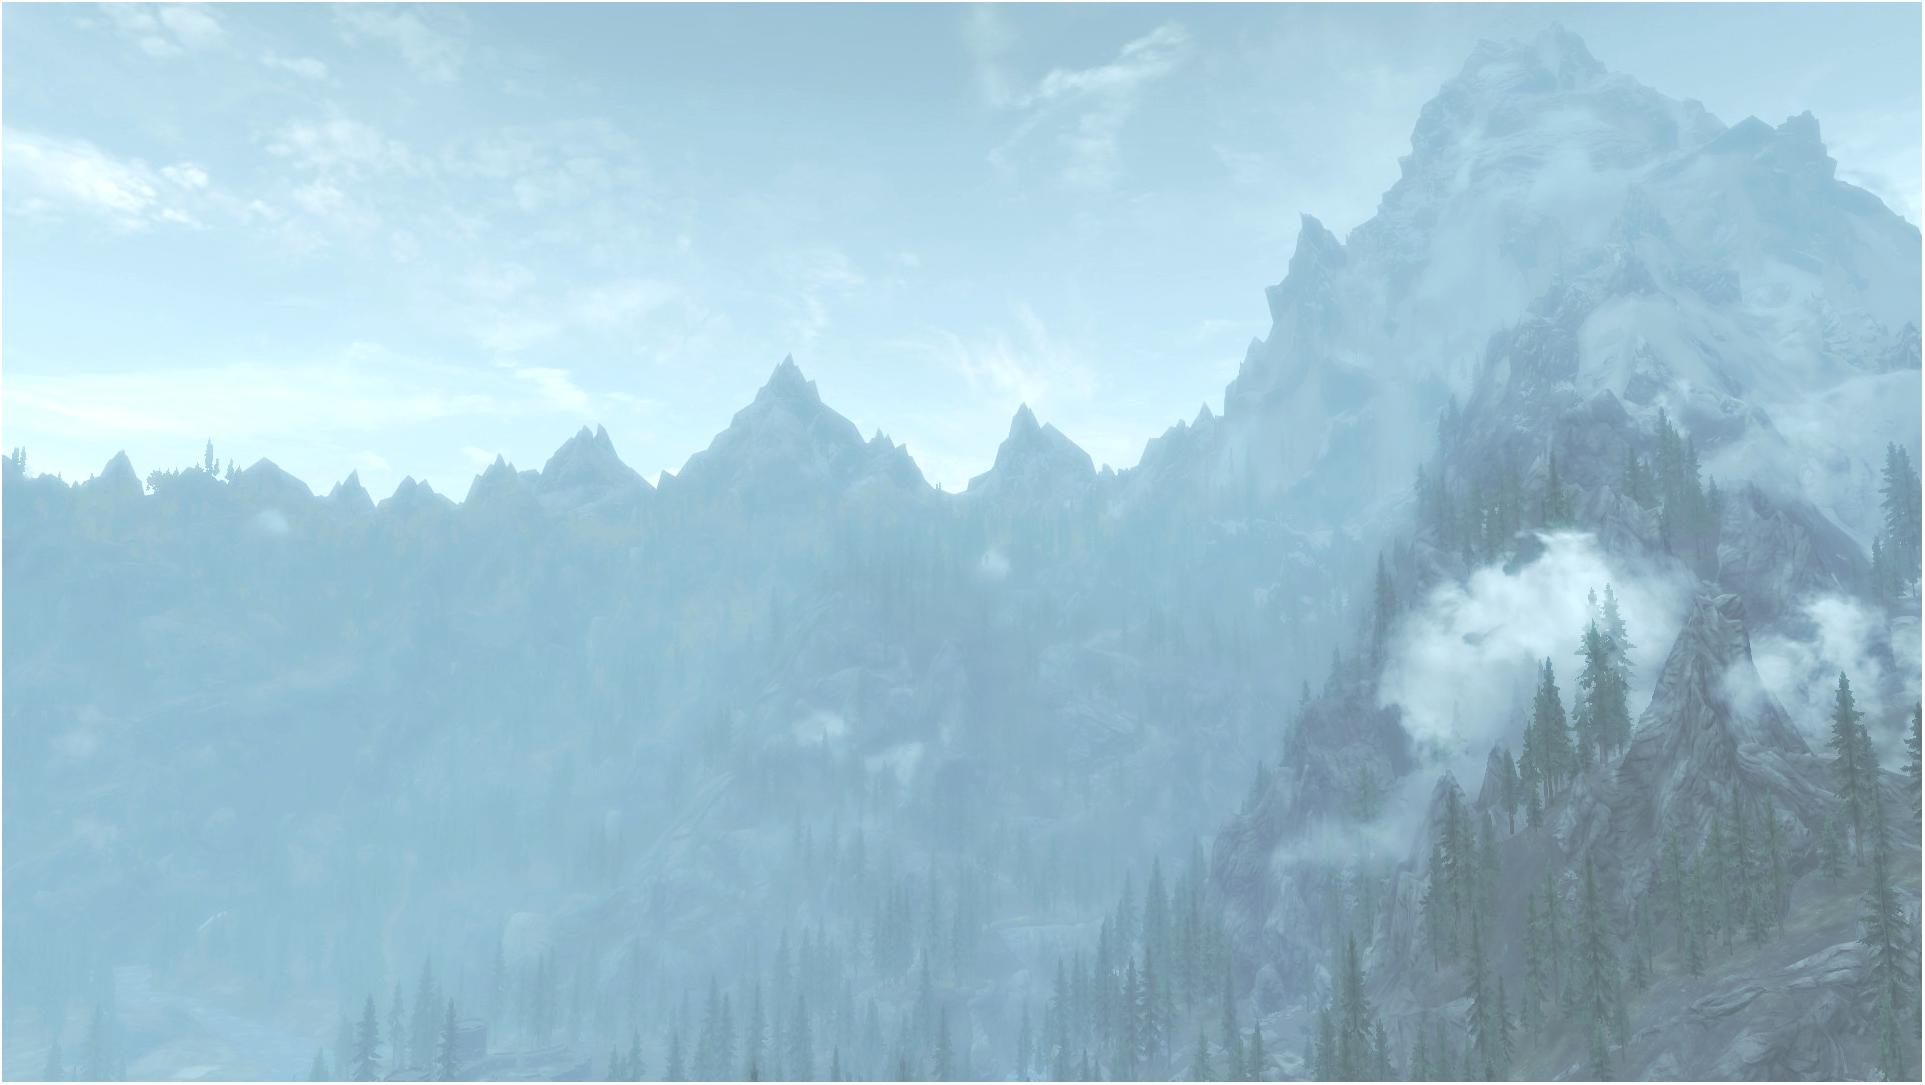 Elder Scrolls V Skyrim_0075_JTC.png